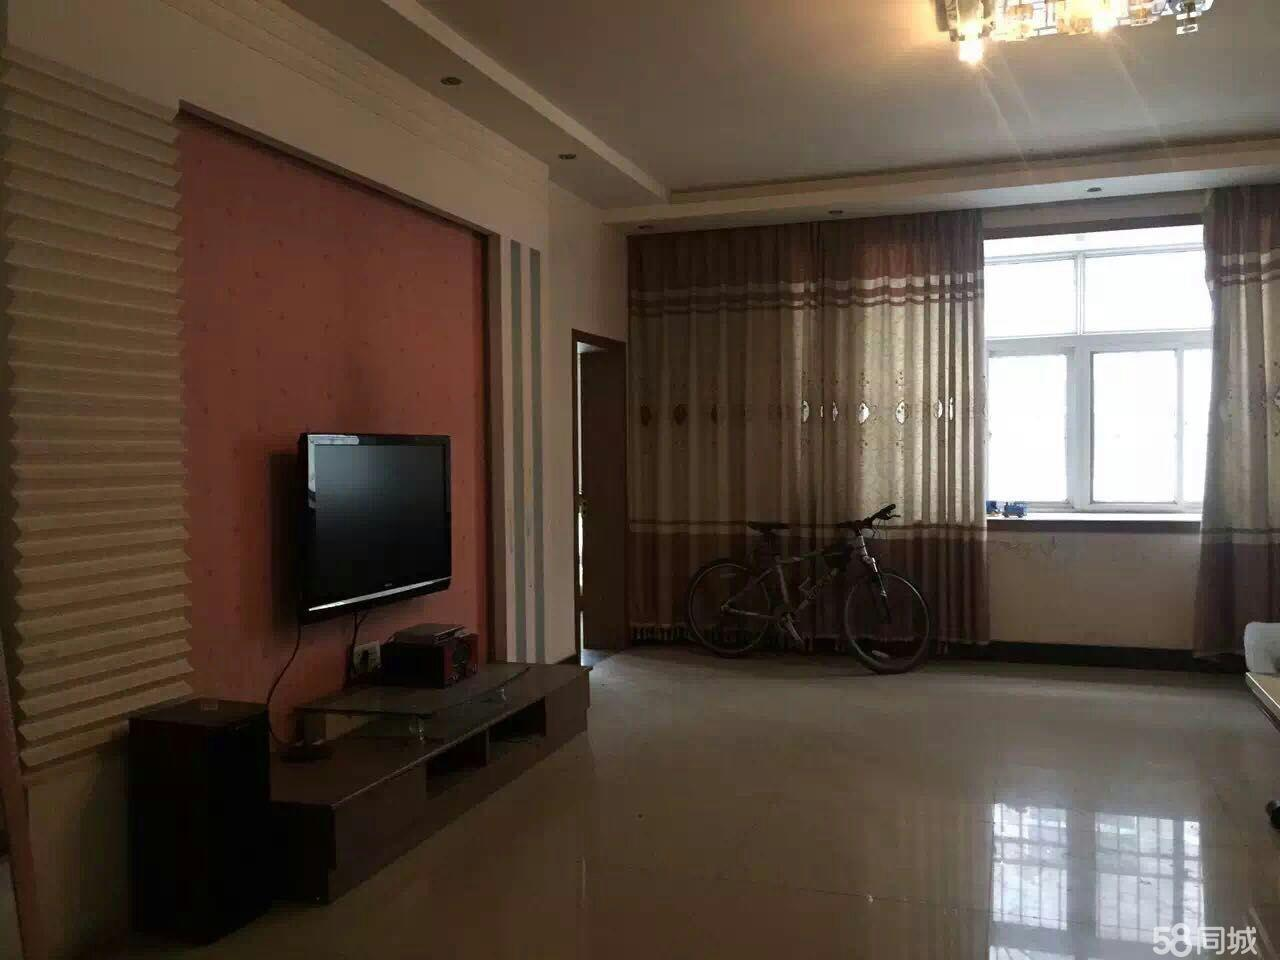 旬阳旬阳县康华园3室2厅2卫大阳台180平米